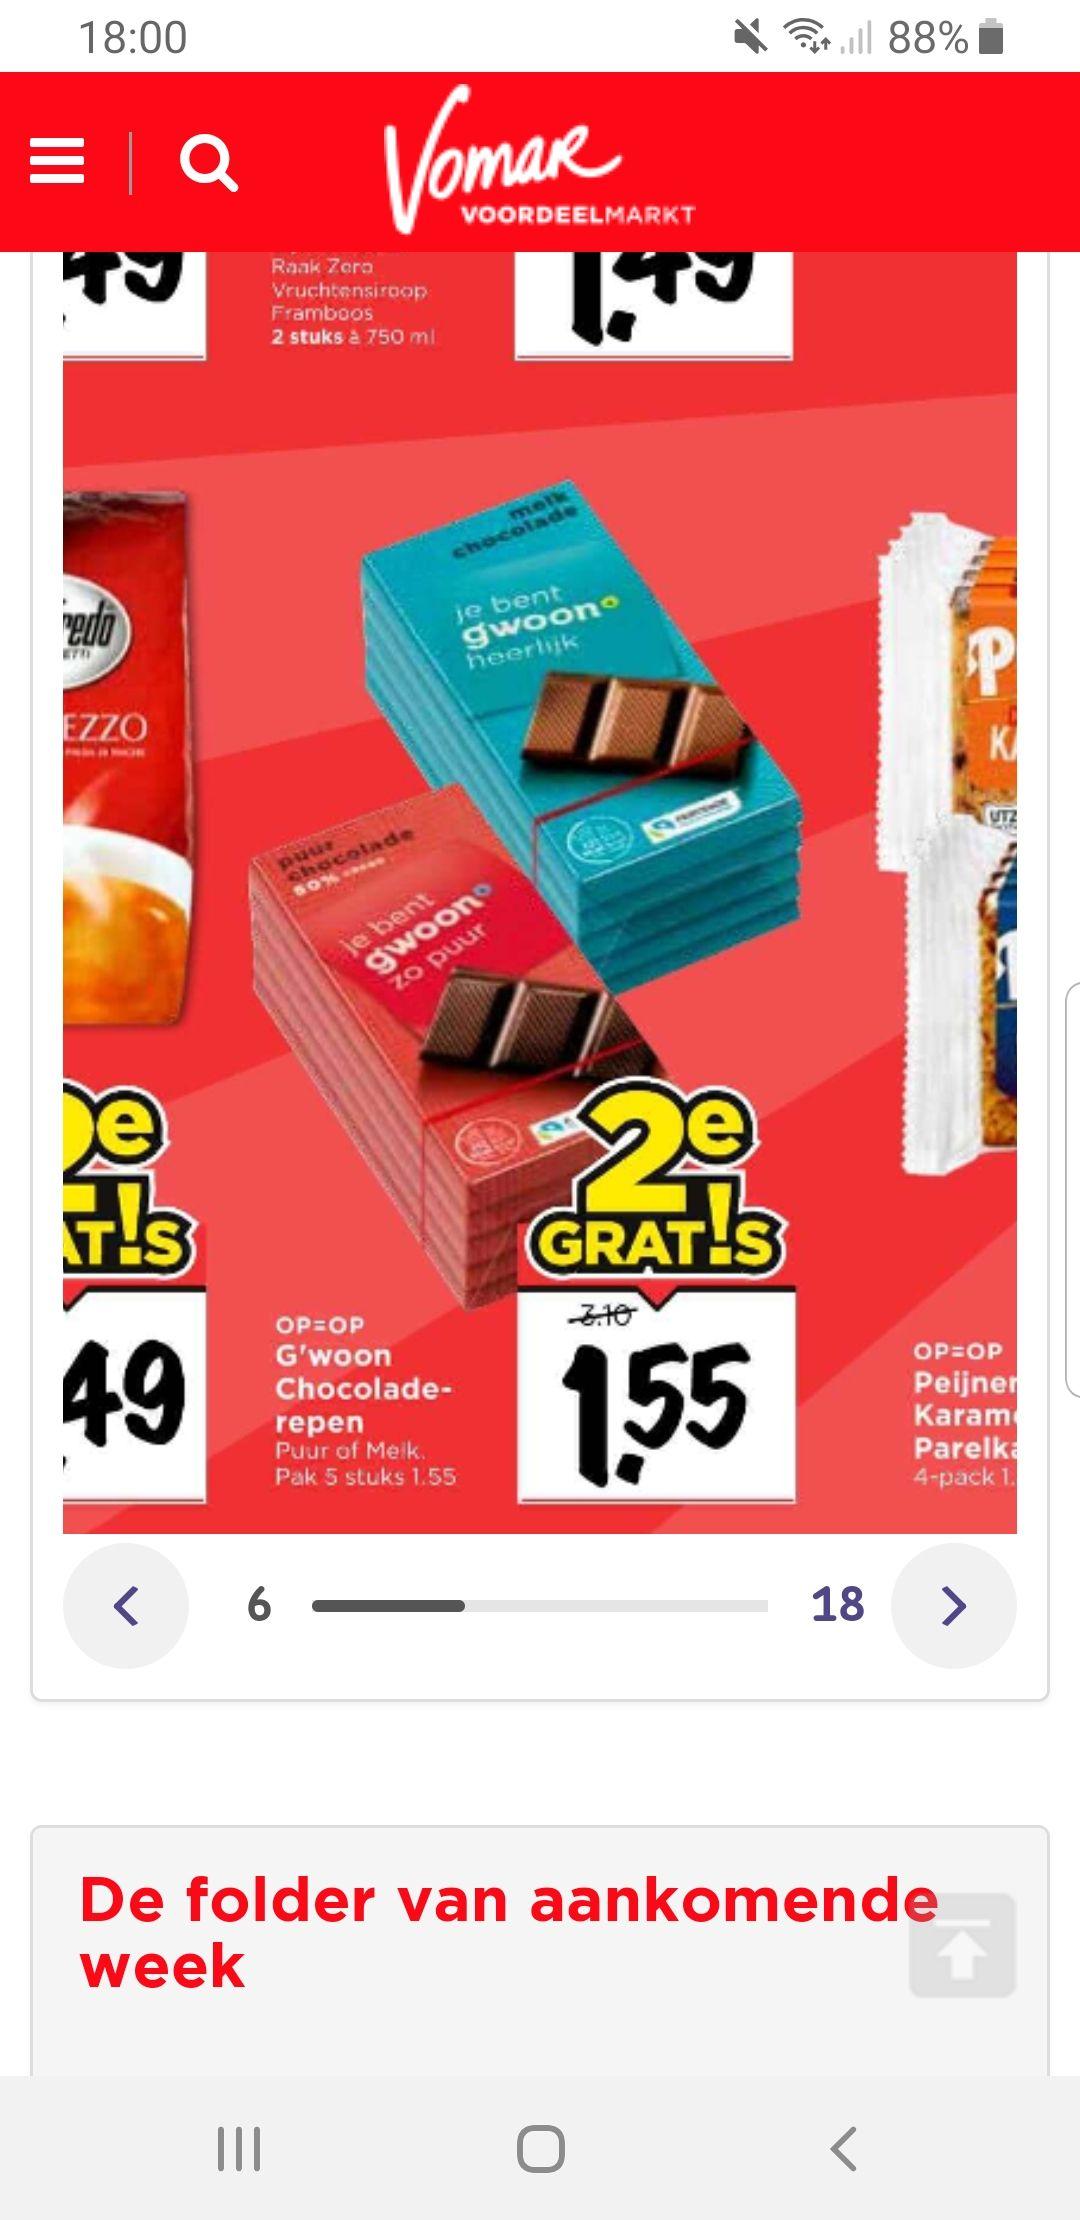 Chocolade 50% korting! 10 repen chocolade voor € 1,55 (dus gemiddeld 15,5 cent per reep), puur of melk